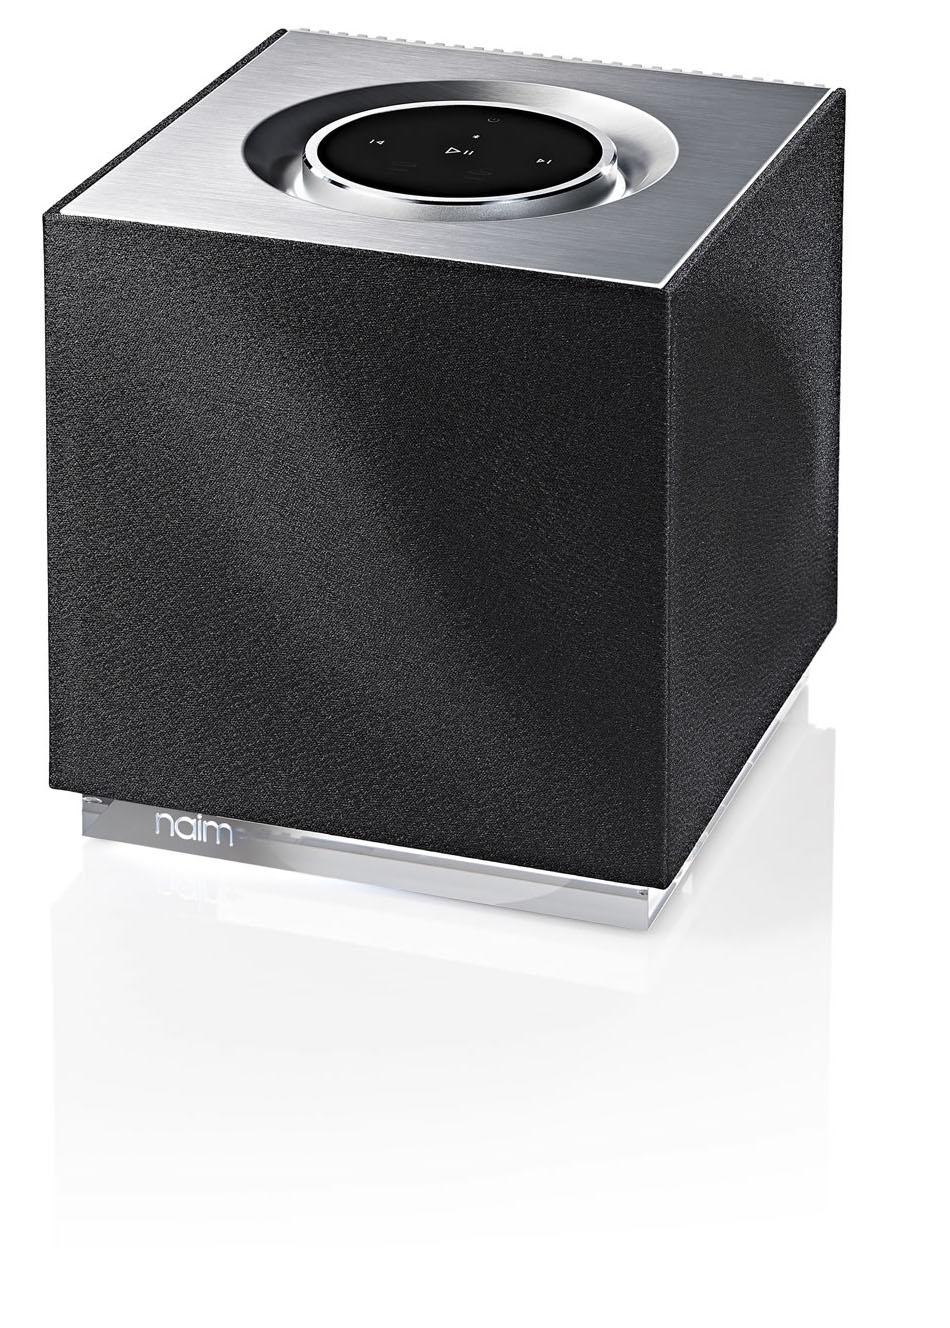 Naim Mu So Qb Compact Wireless Speaker Audio Streaming Burnt Fuse Box Home